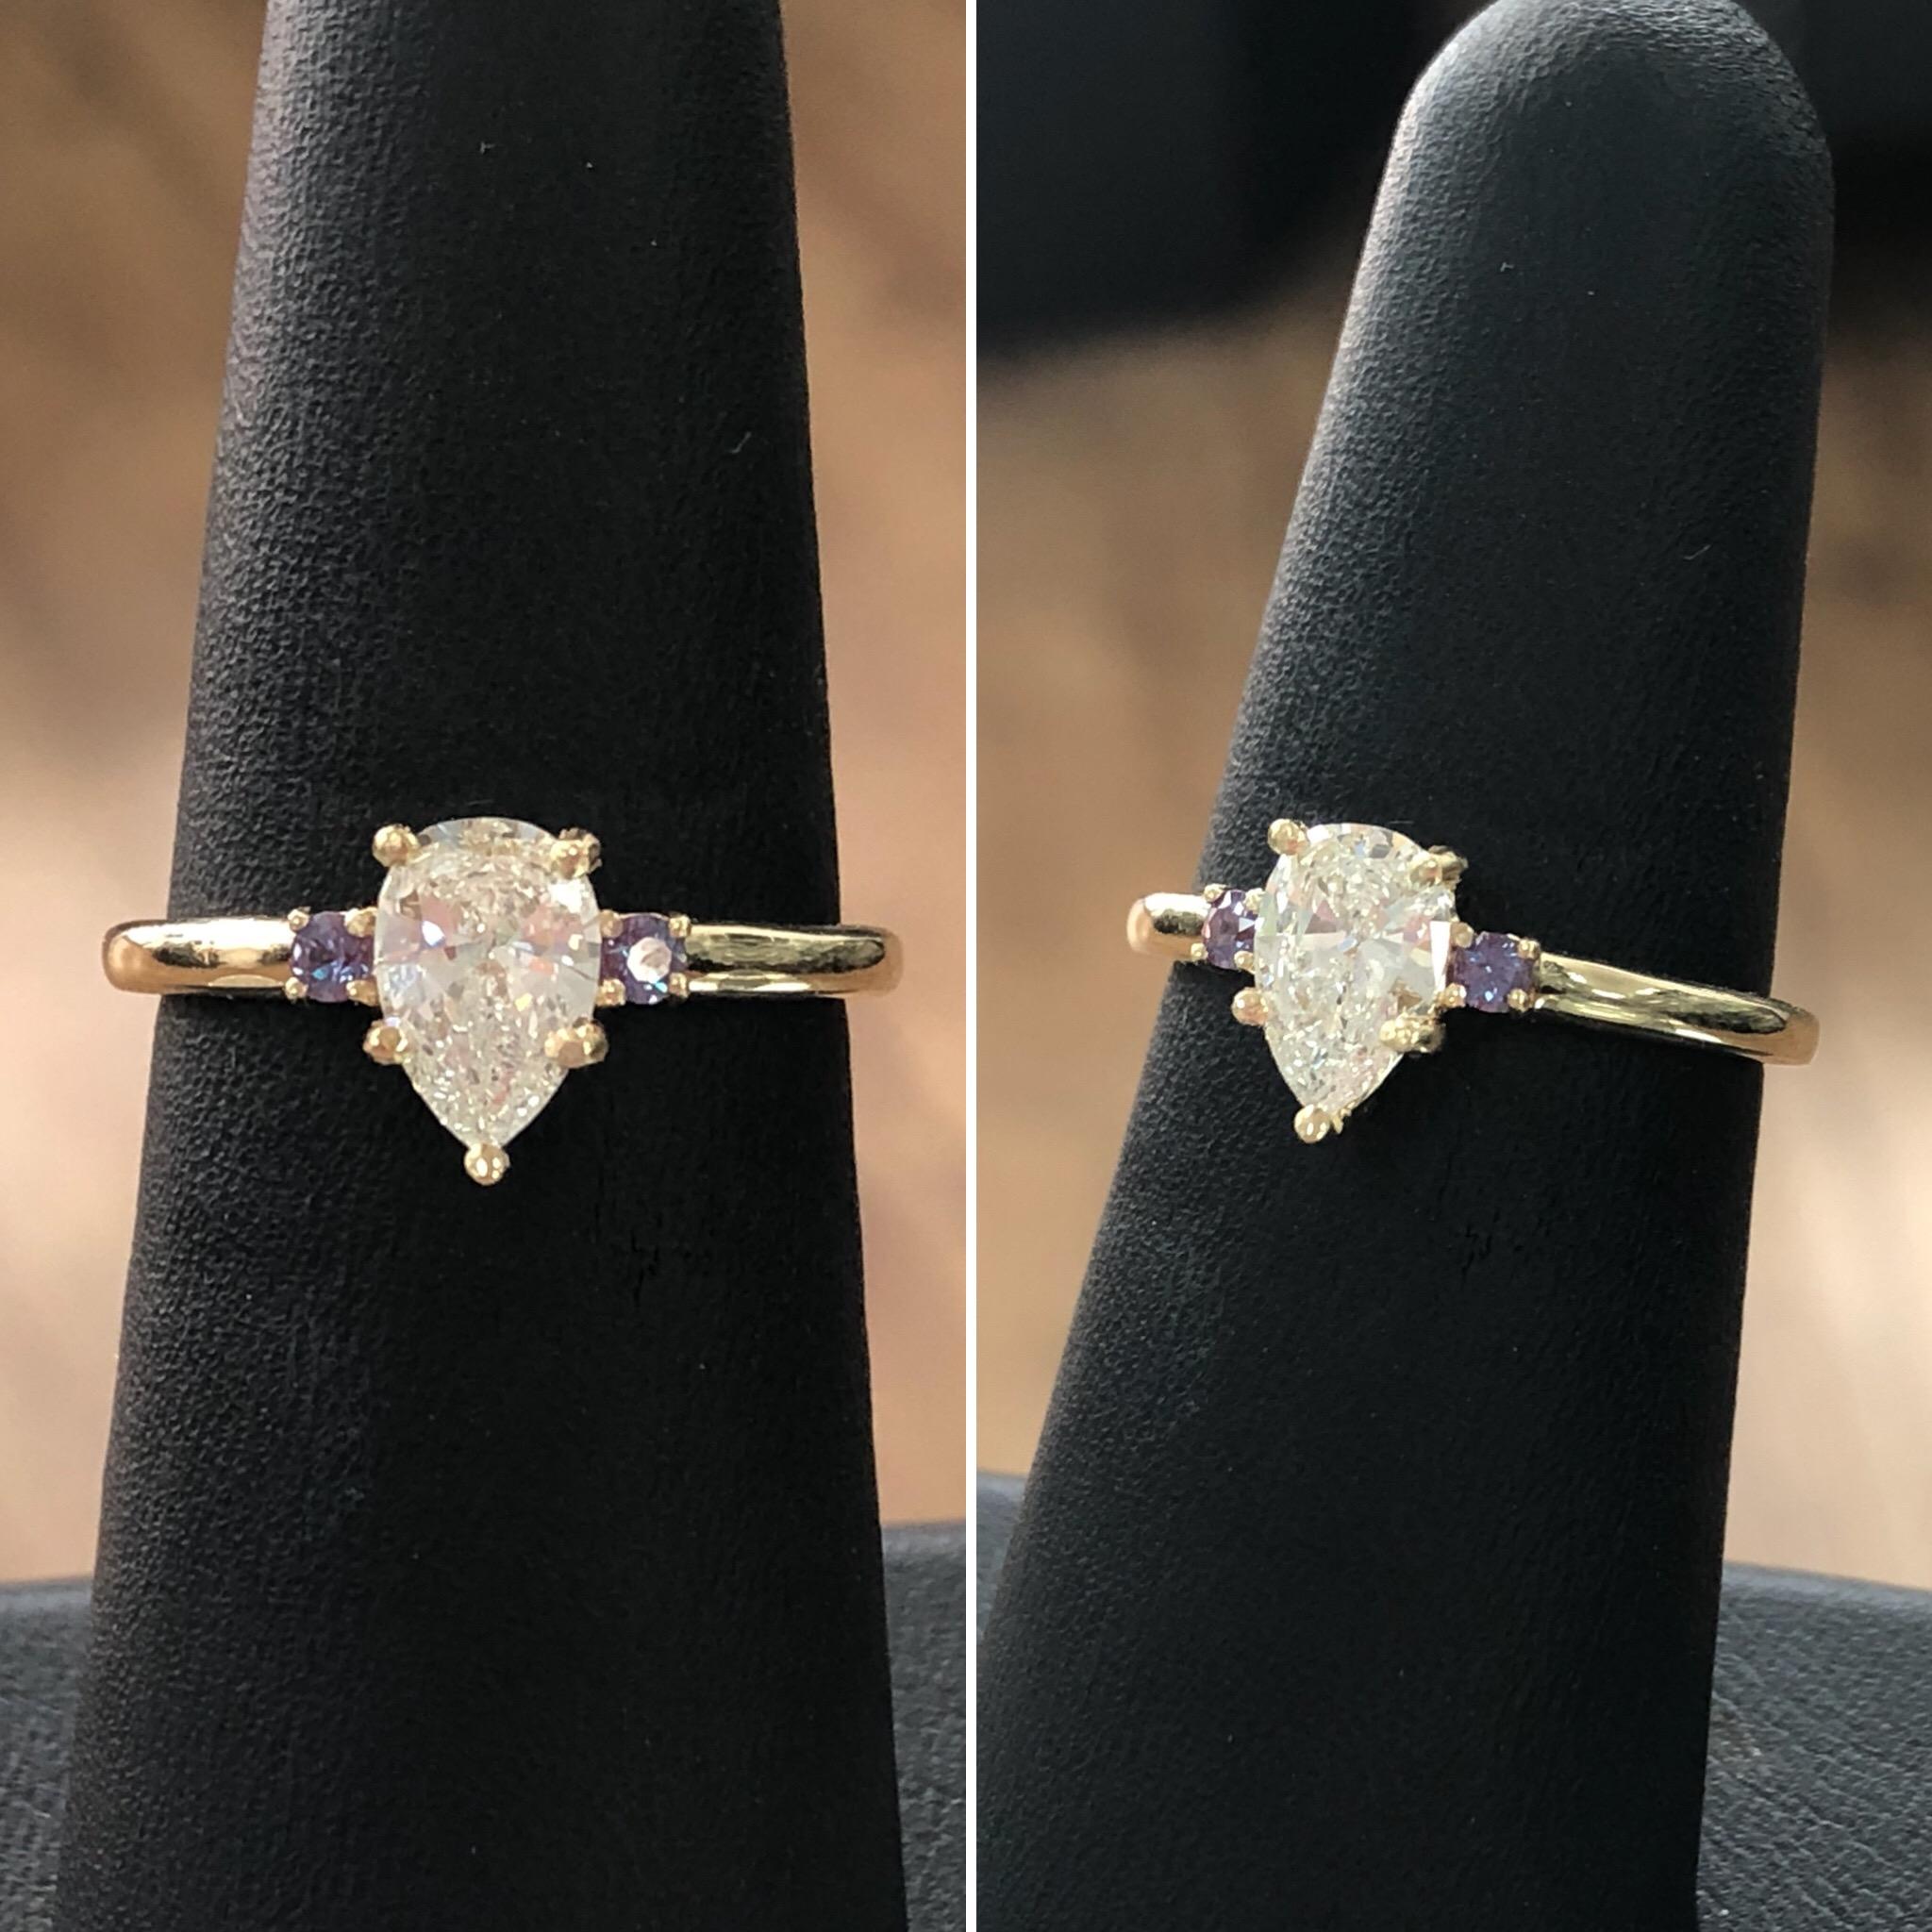 Custom Jewelry Design Hanebrink